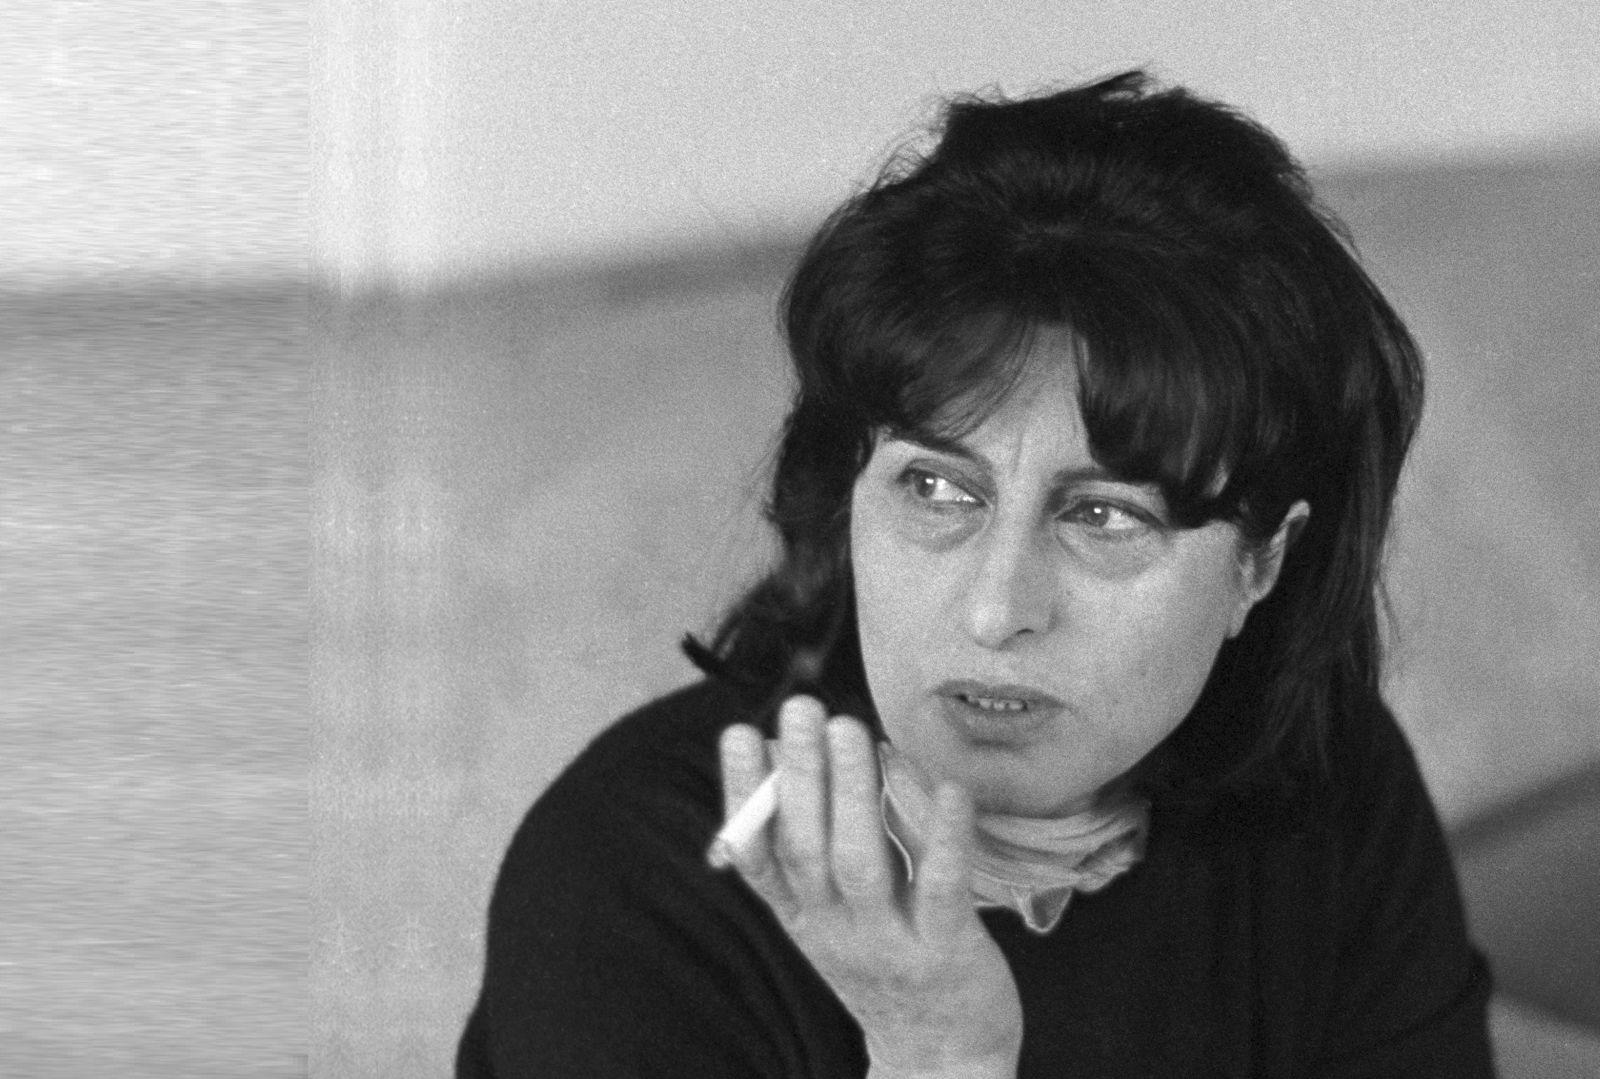 Ritratto di Anna Magnani (1965). Foto di Angelo Frontoni La foto proviene dall'archivio fotografico del CSC Cineteca Nazionalesss